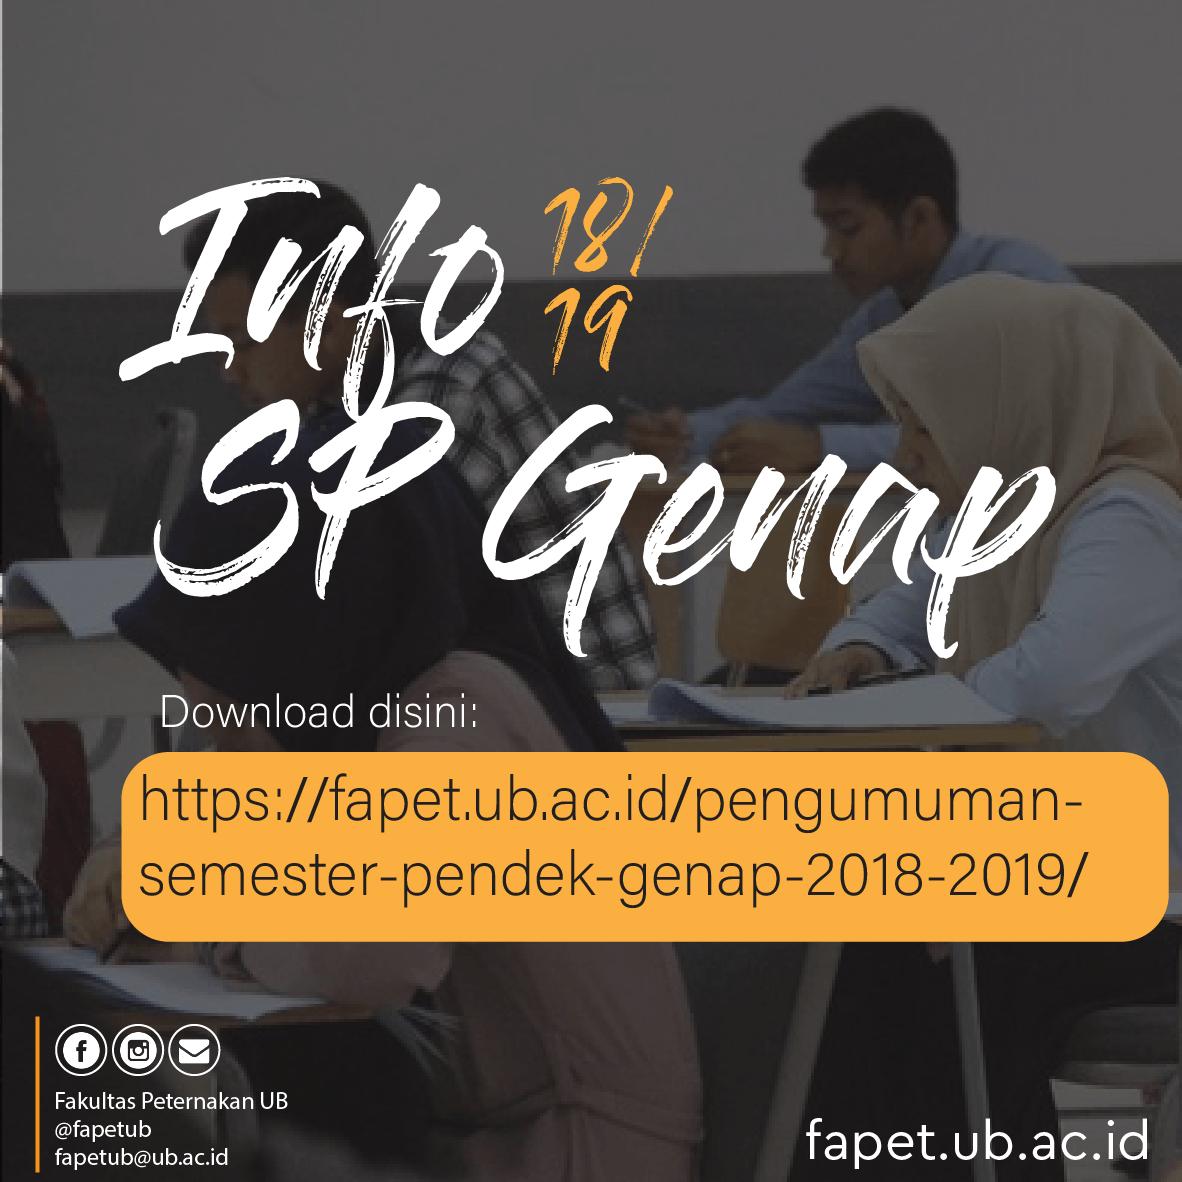 Pengumuman Semester Pendek Genap 2018/2019